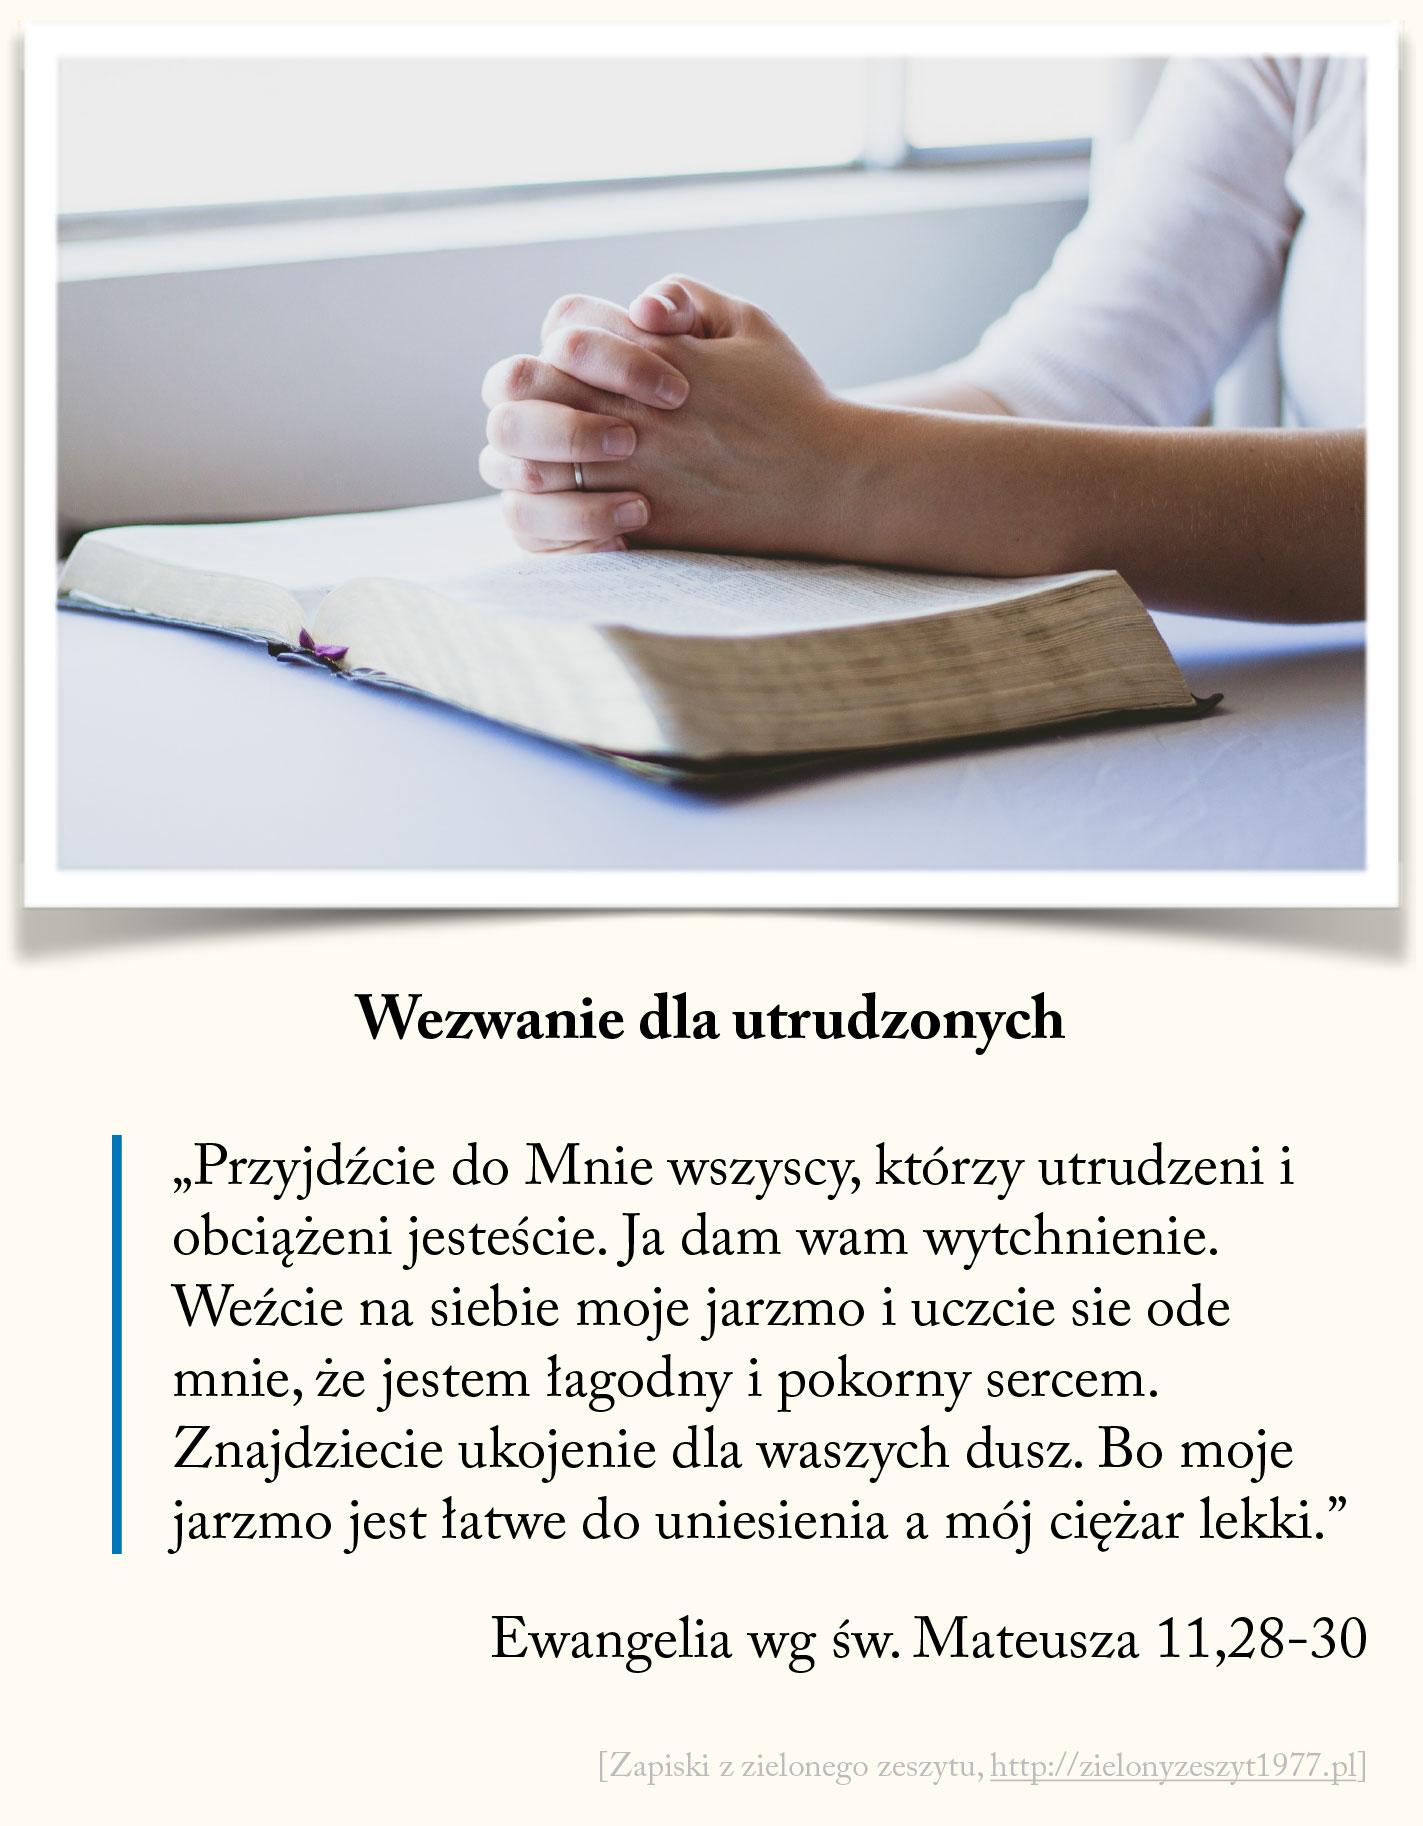 Wezwanie dla utrudzonych, Ewangelia wg św. Mateusza